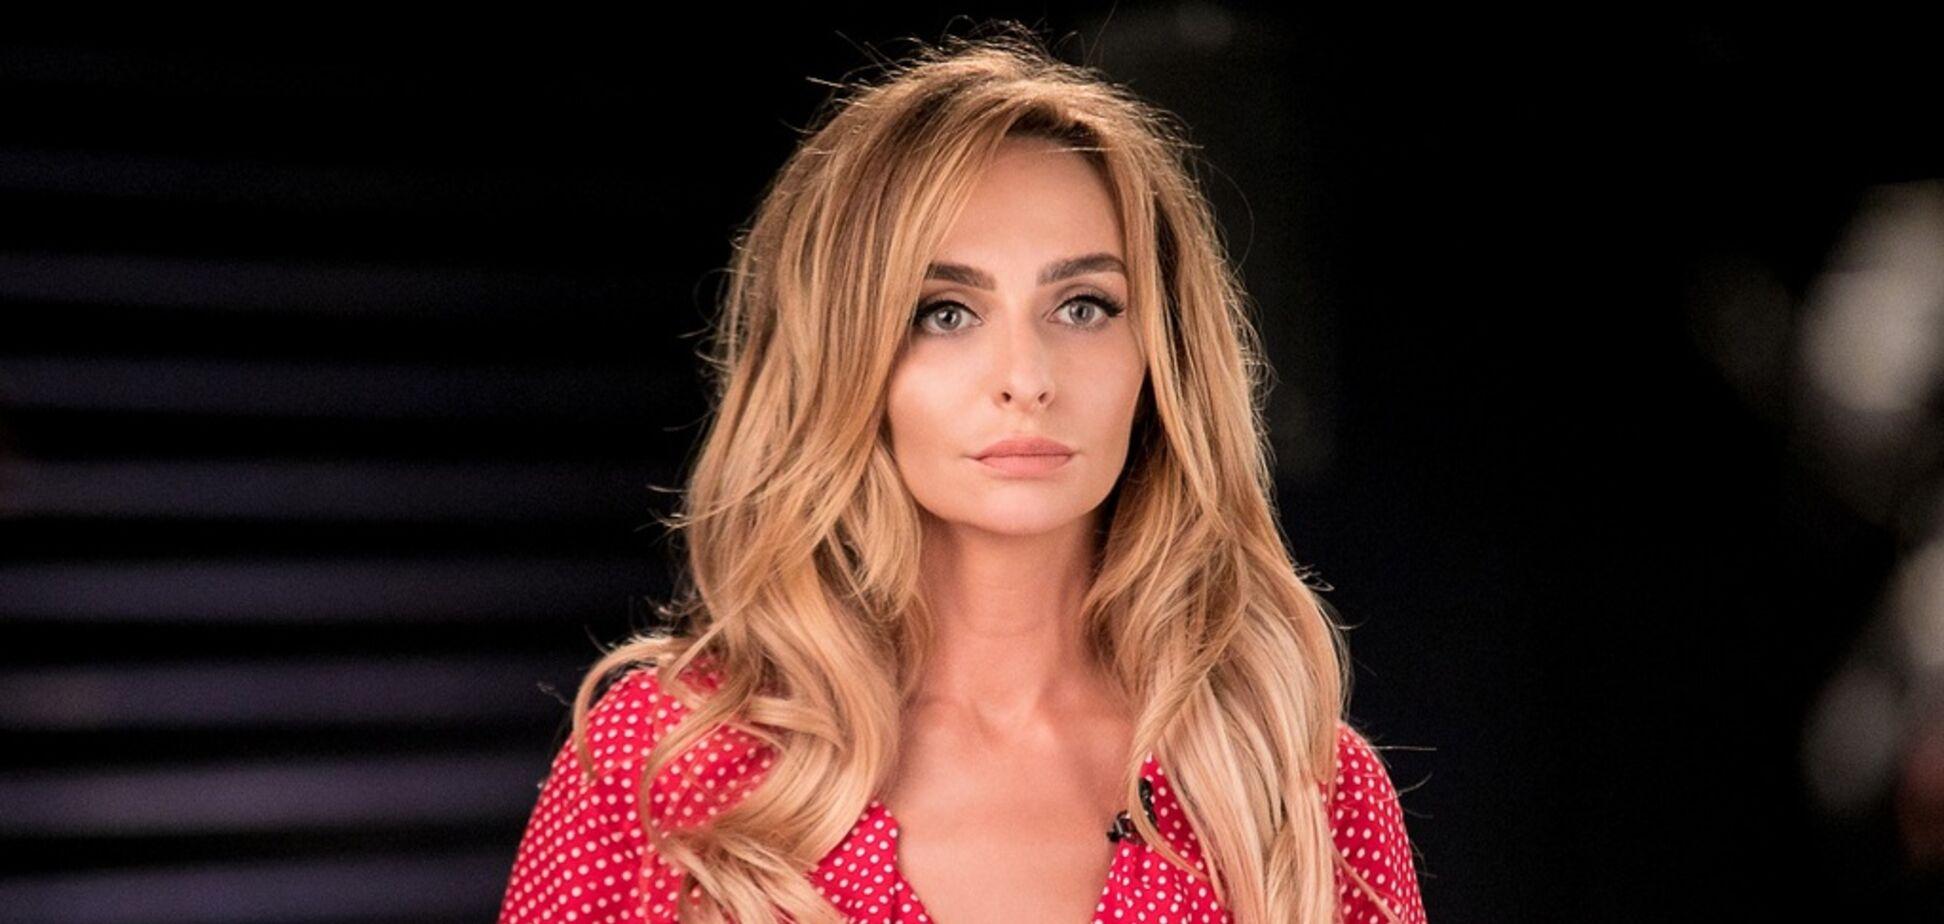 Екатерине Варнаве – 35: самые откровенные фото запрещенной в Украине звезды Comedy